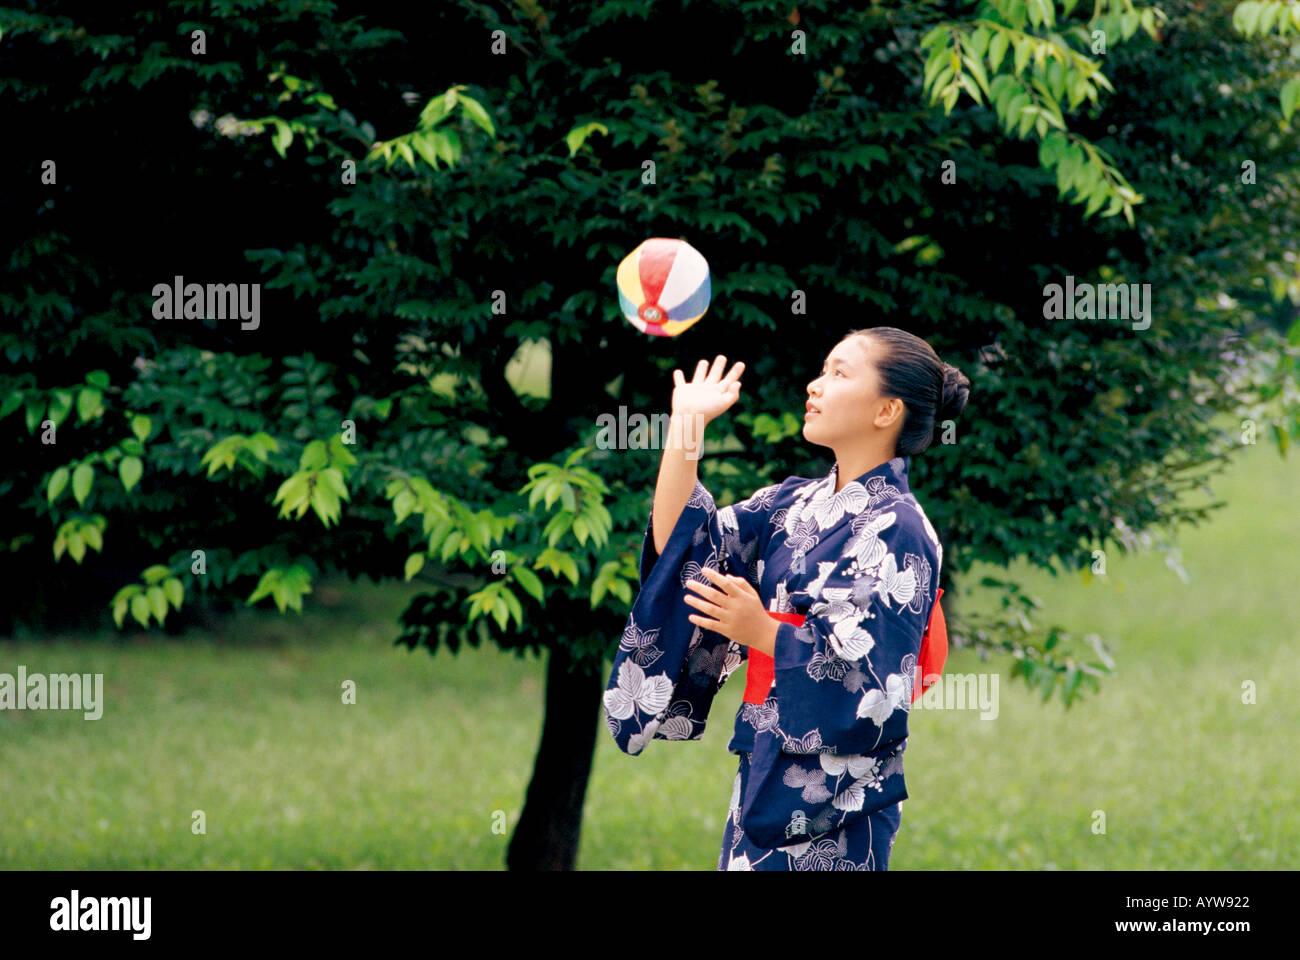 Chica en kimono jugando con globos de papel Foto de stock